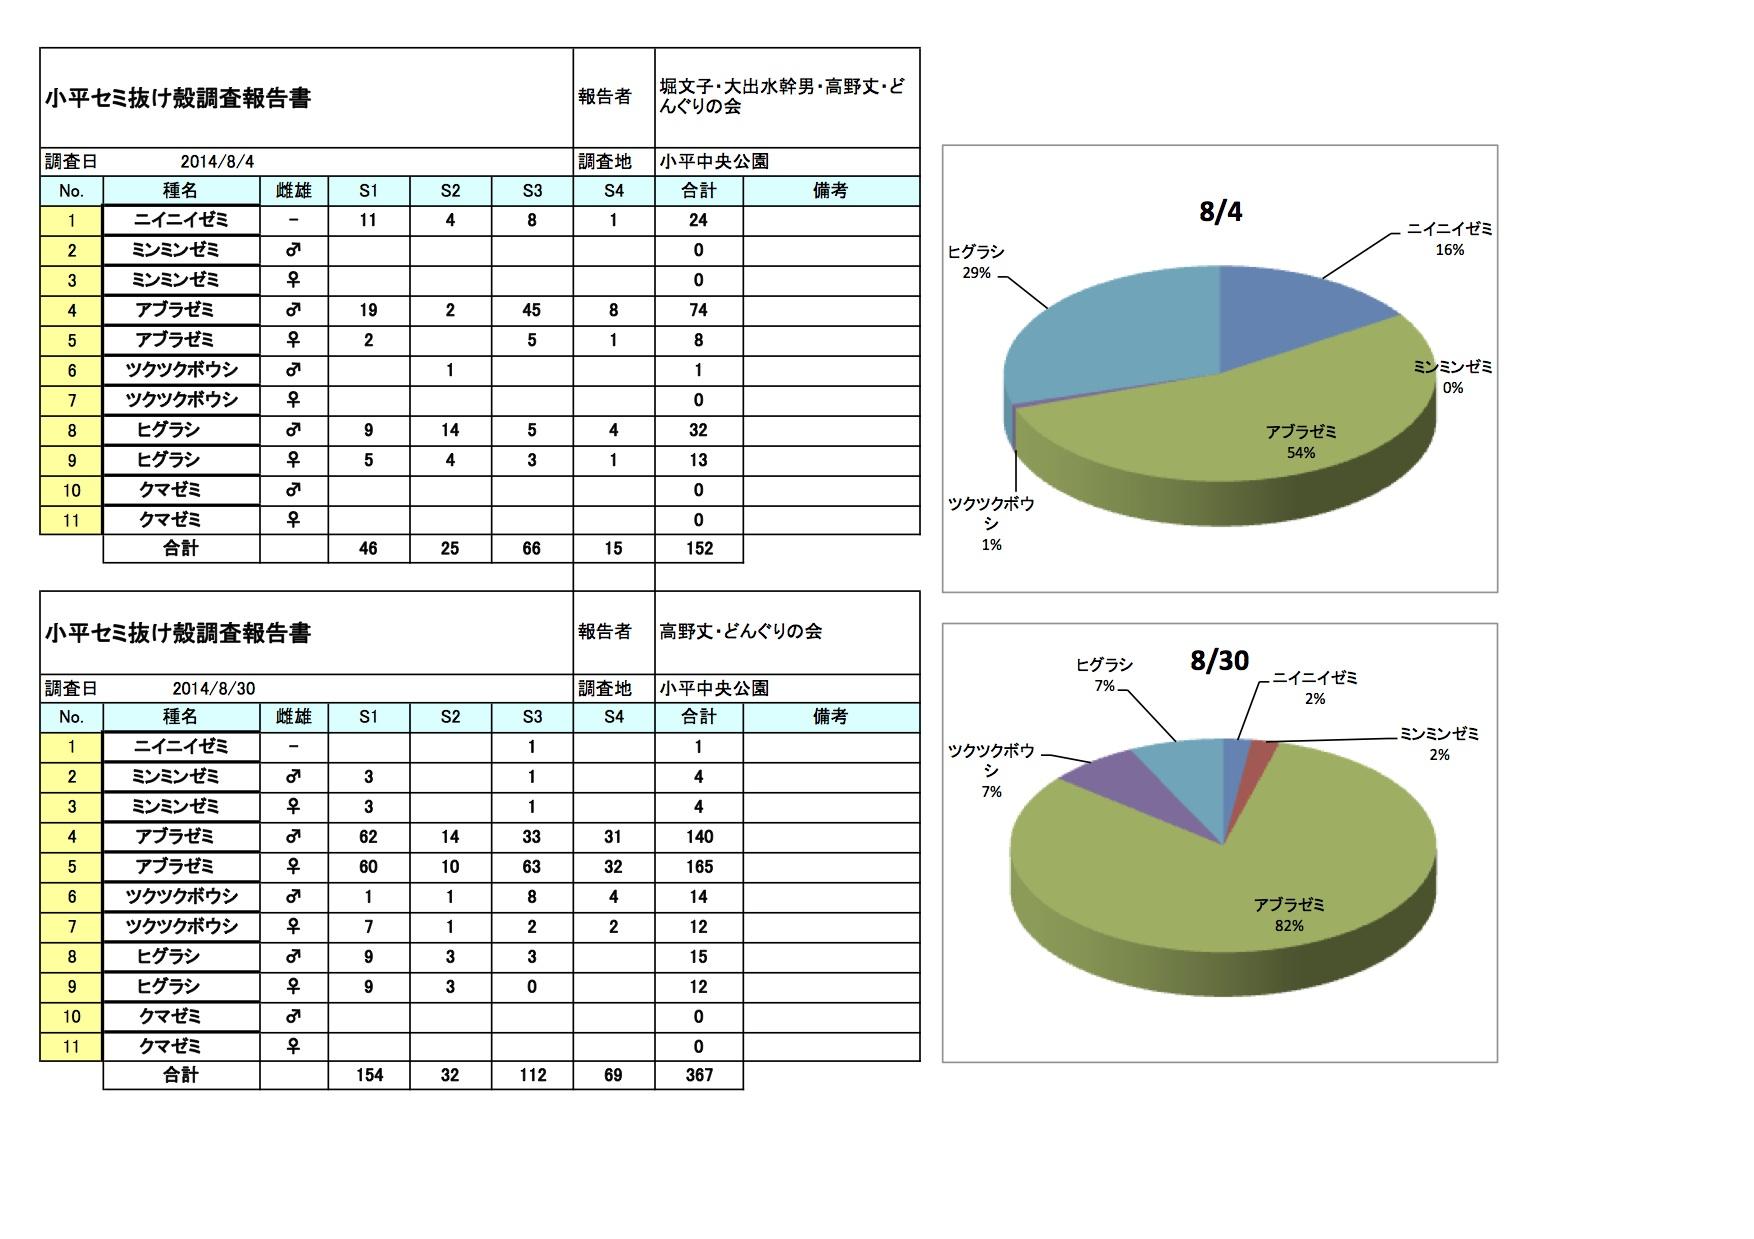 小平セミ抜け殻調査集計表2014.xls